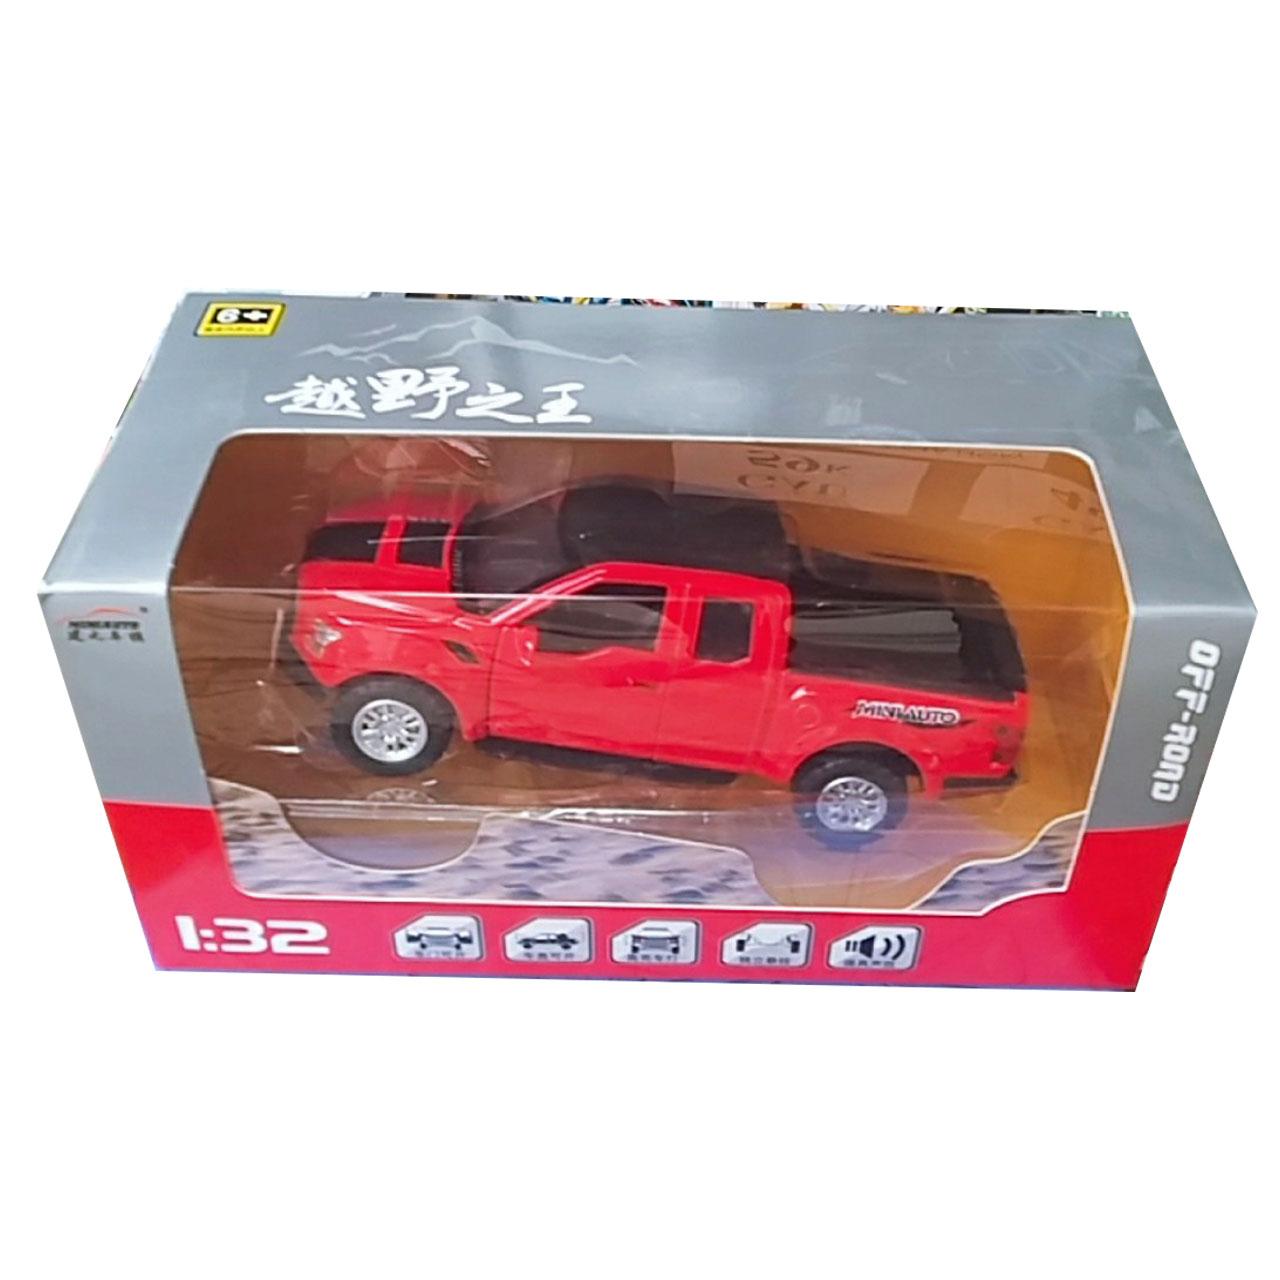 Đồ chơi mô hình xe sắt FORD F150 - Mầu đỏ